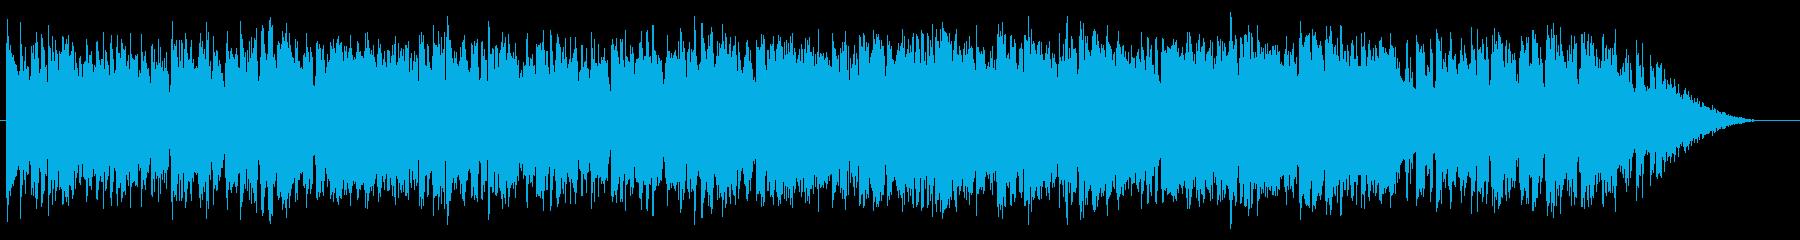 リズミックで爽やかで穏やかなBGMの再生済みの波形